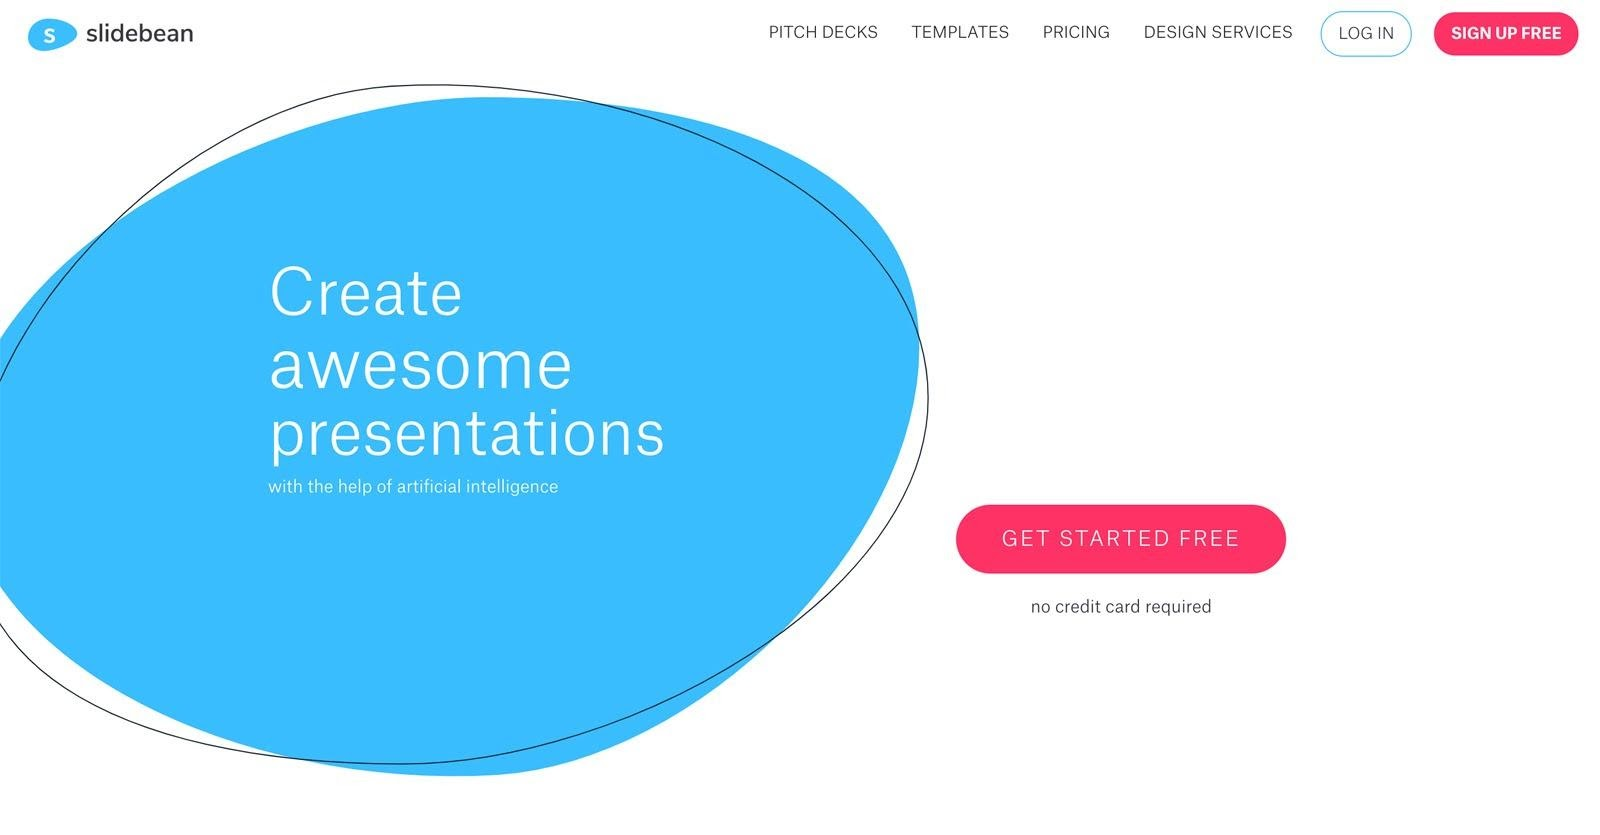 Best SaaS Website Visuals